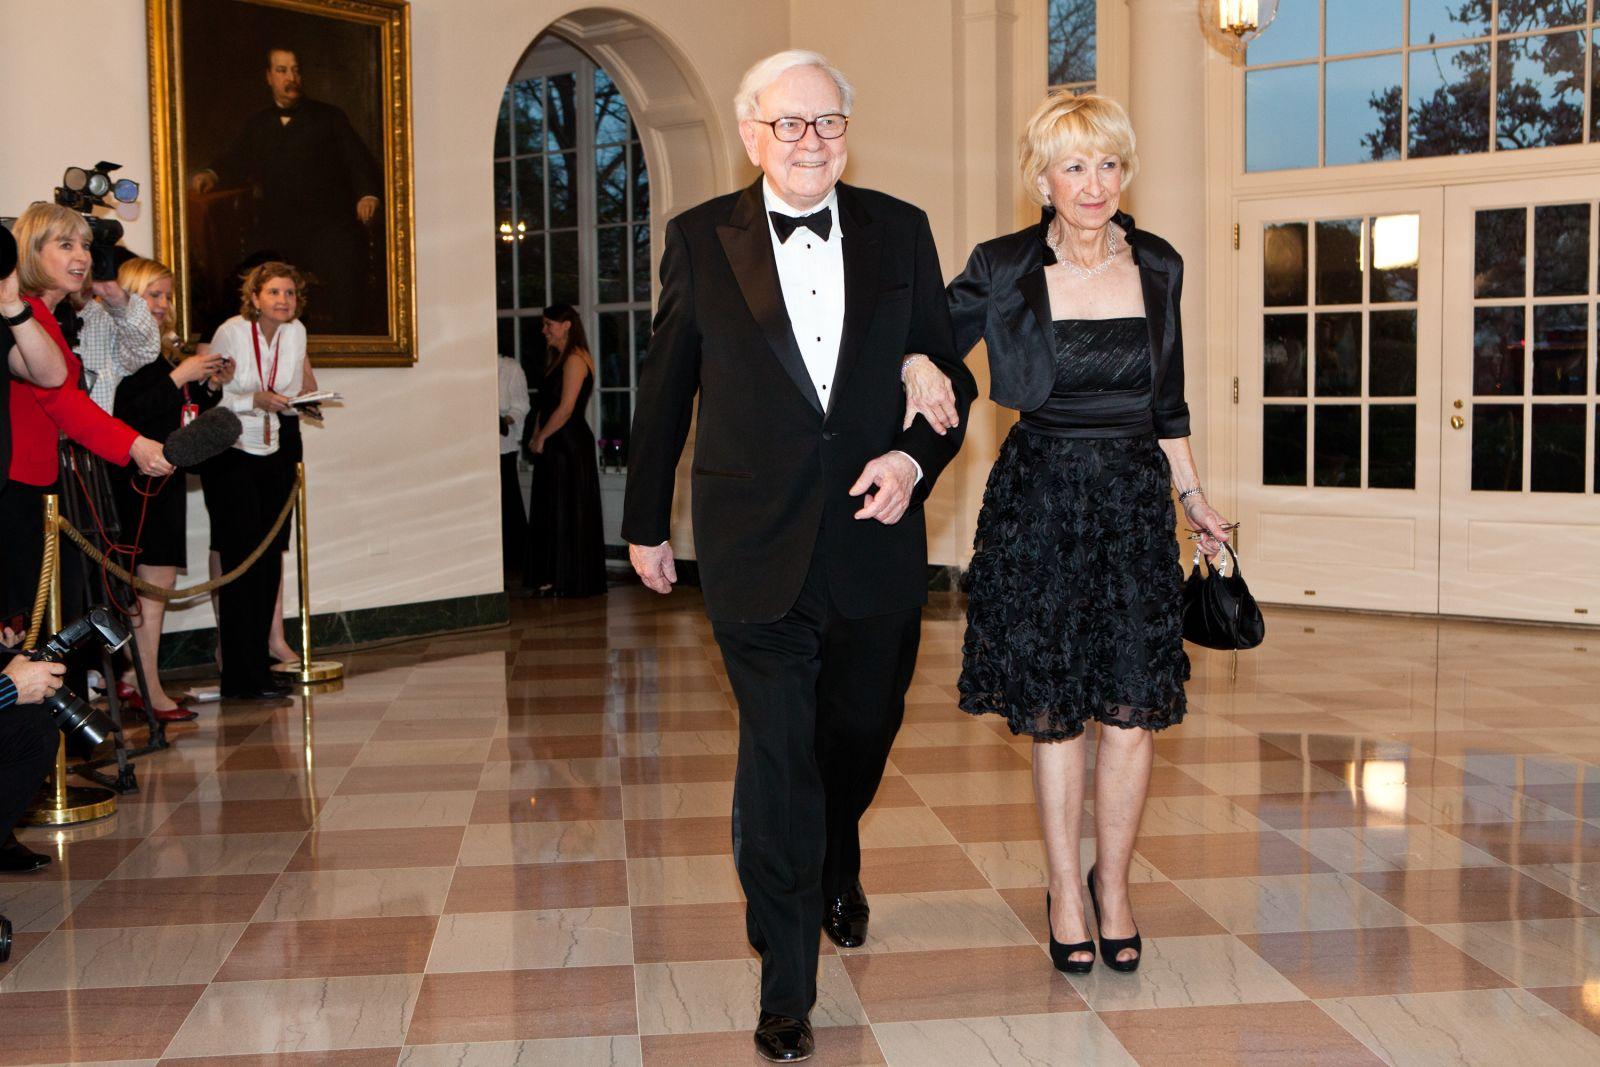 Cuộc đời và sự nghiệp của Warren Buffett qua những tấm ảnh - Ảnh 15.